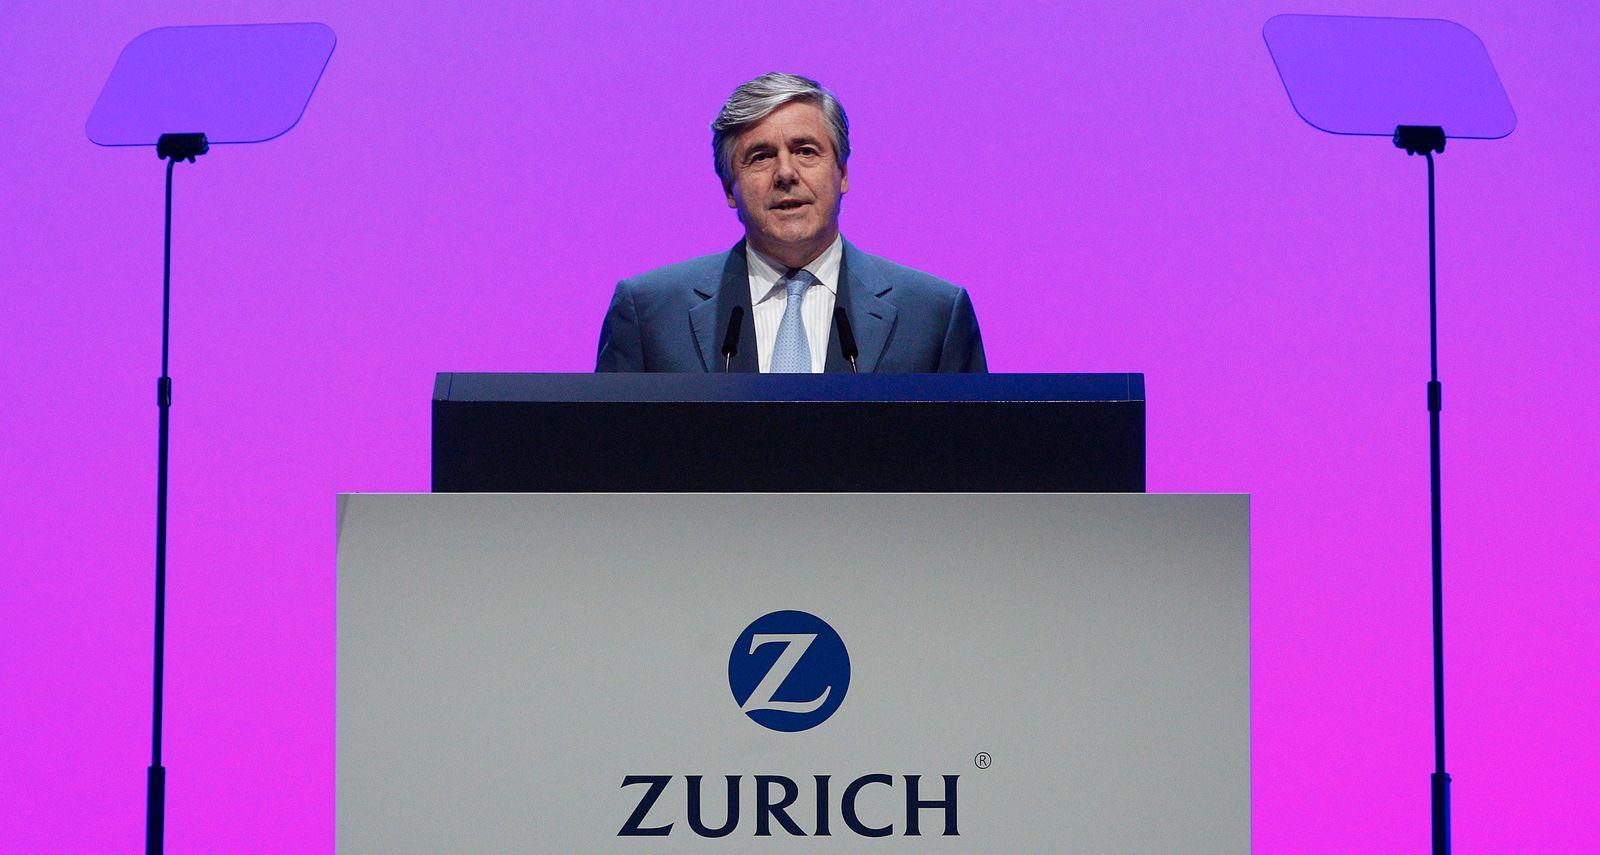 Zurich / Josef Ackermann